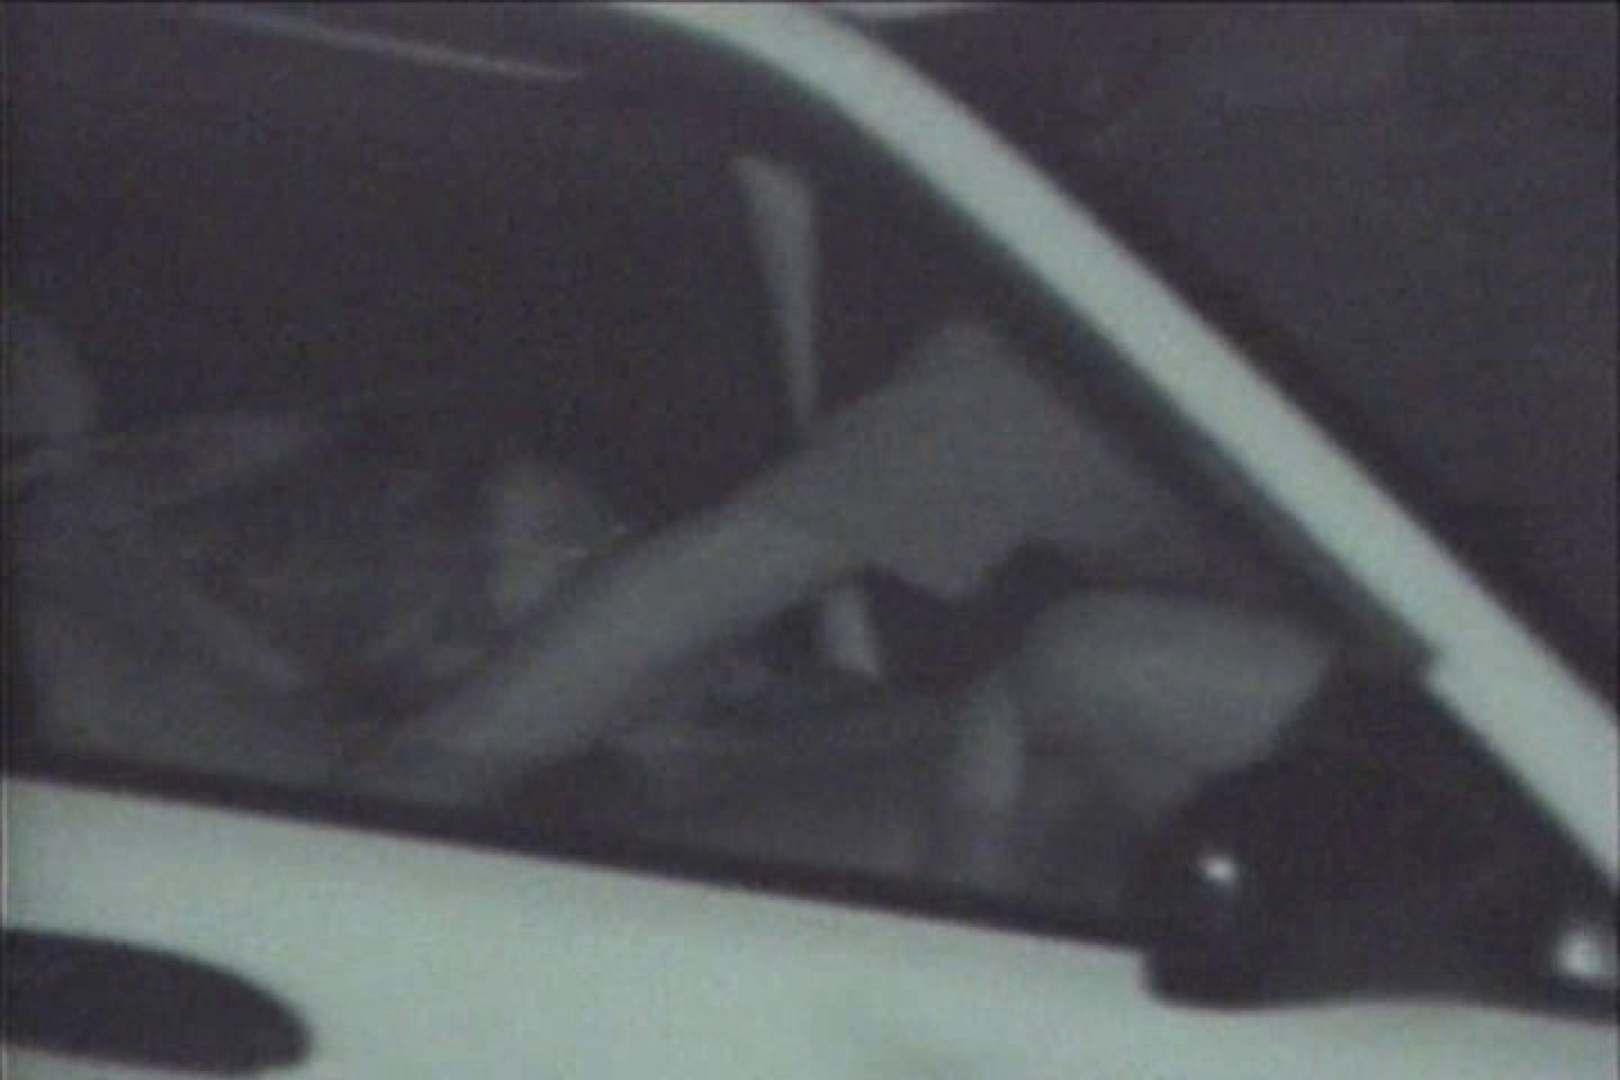 車の中はラブホテル 無修正版  Vol.18 車 おめこ無修正画像 80連発 18